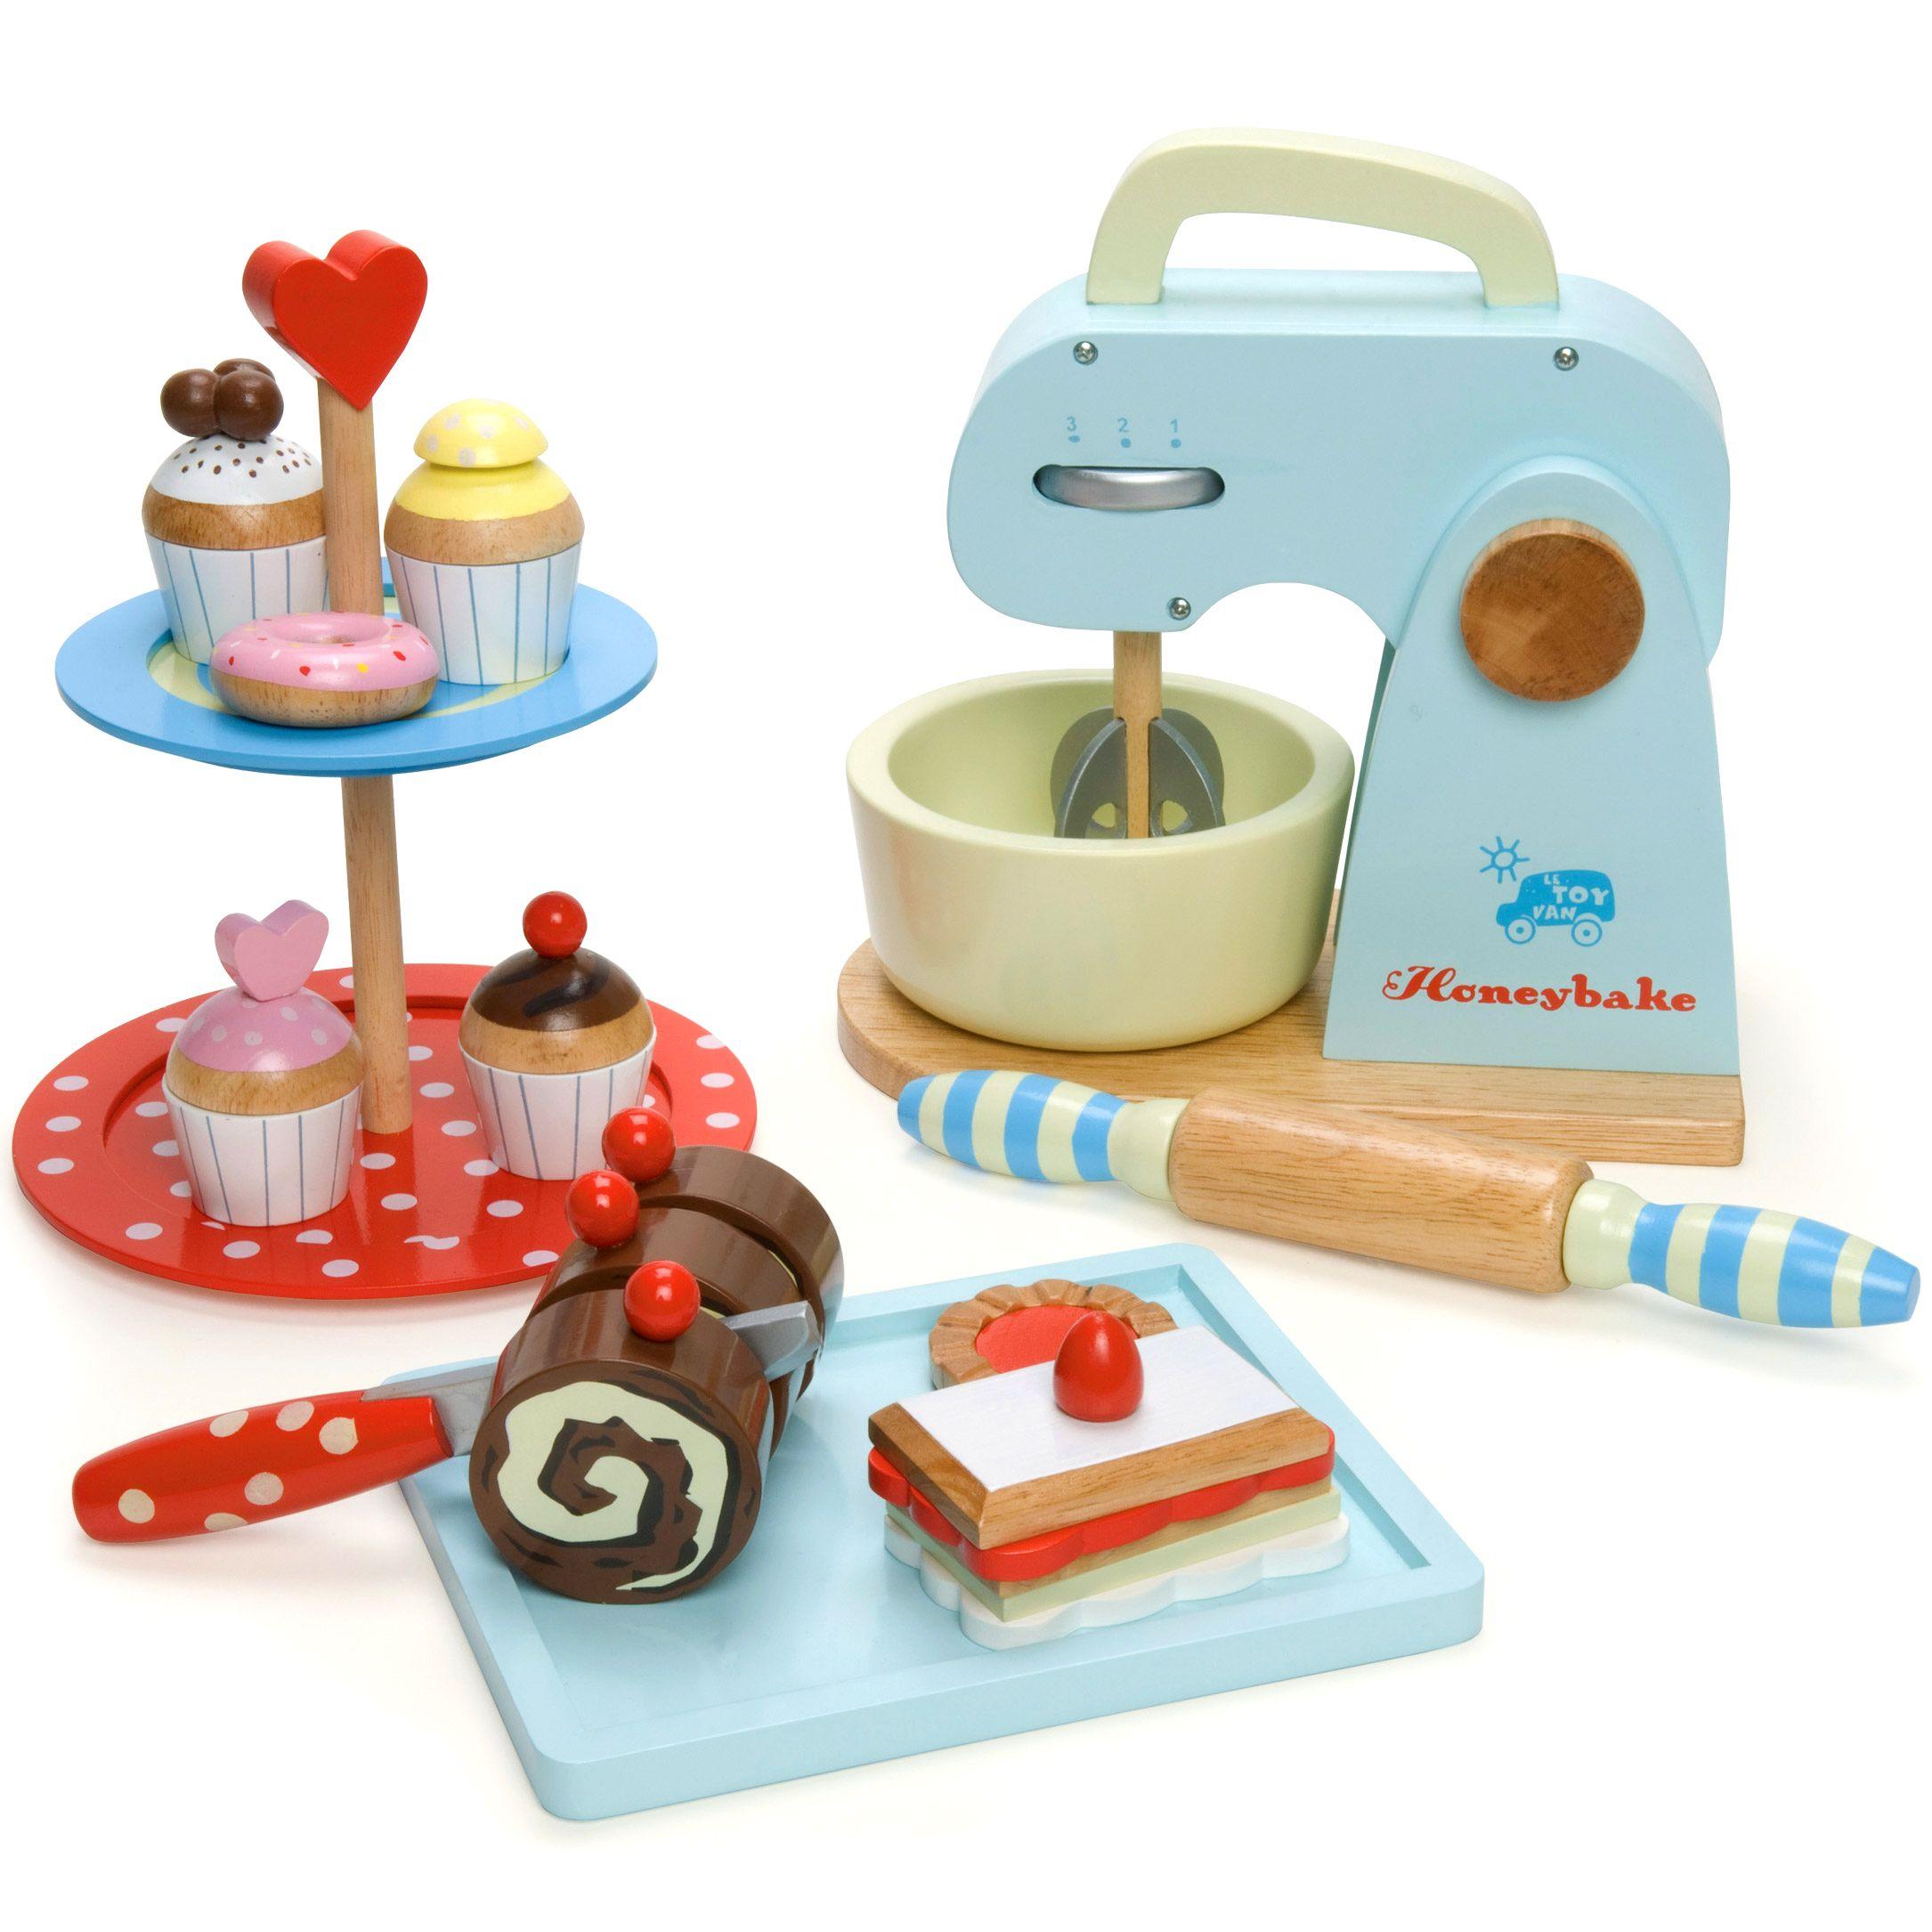 Le Toy Van Honeybake Baking Set A Play Mixer Baking Set Wooden Toy Shop Kids Kitchen